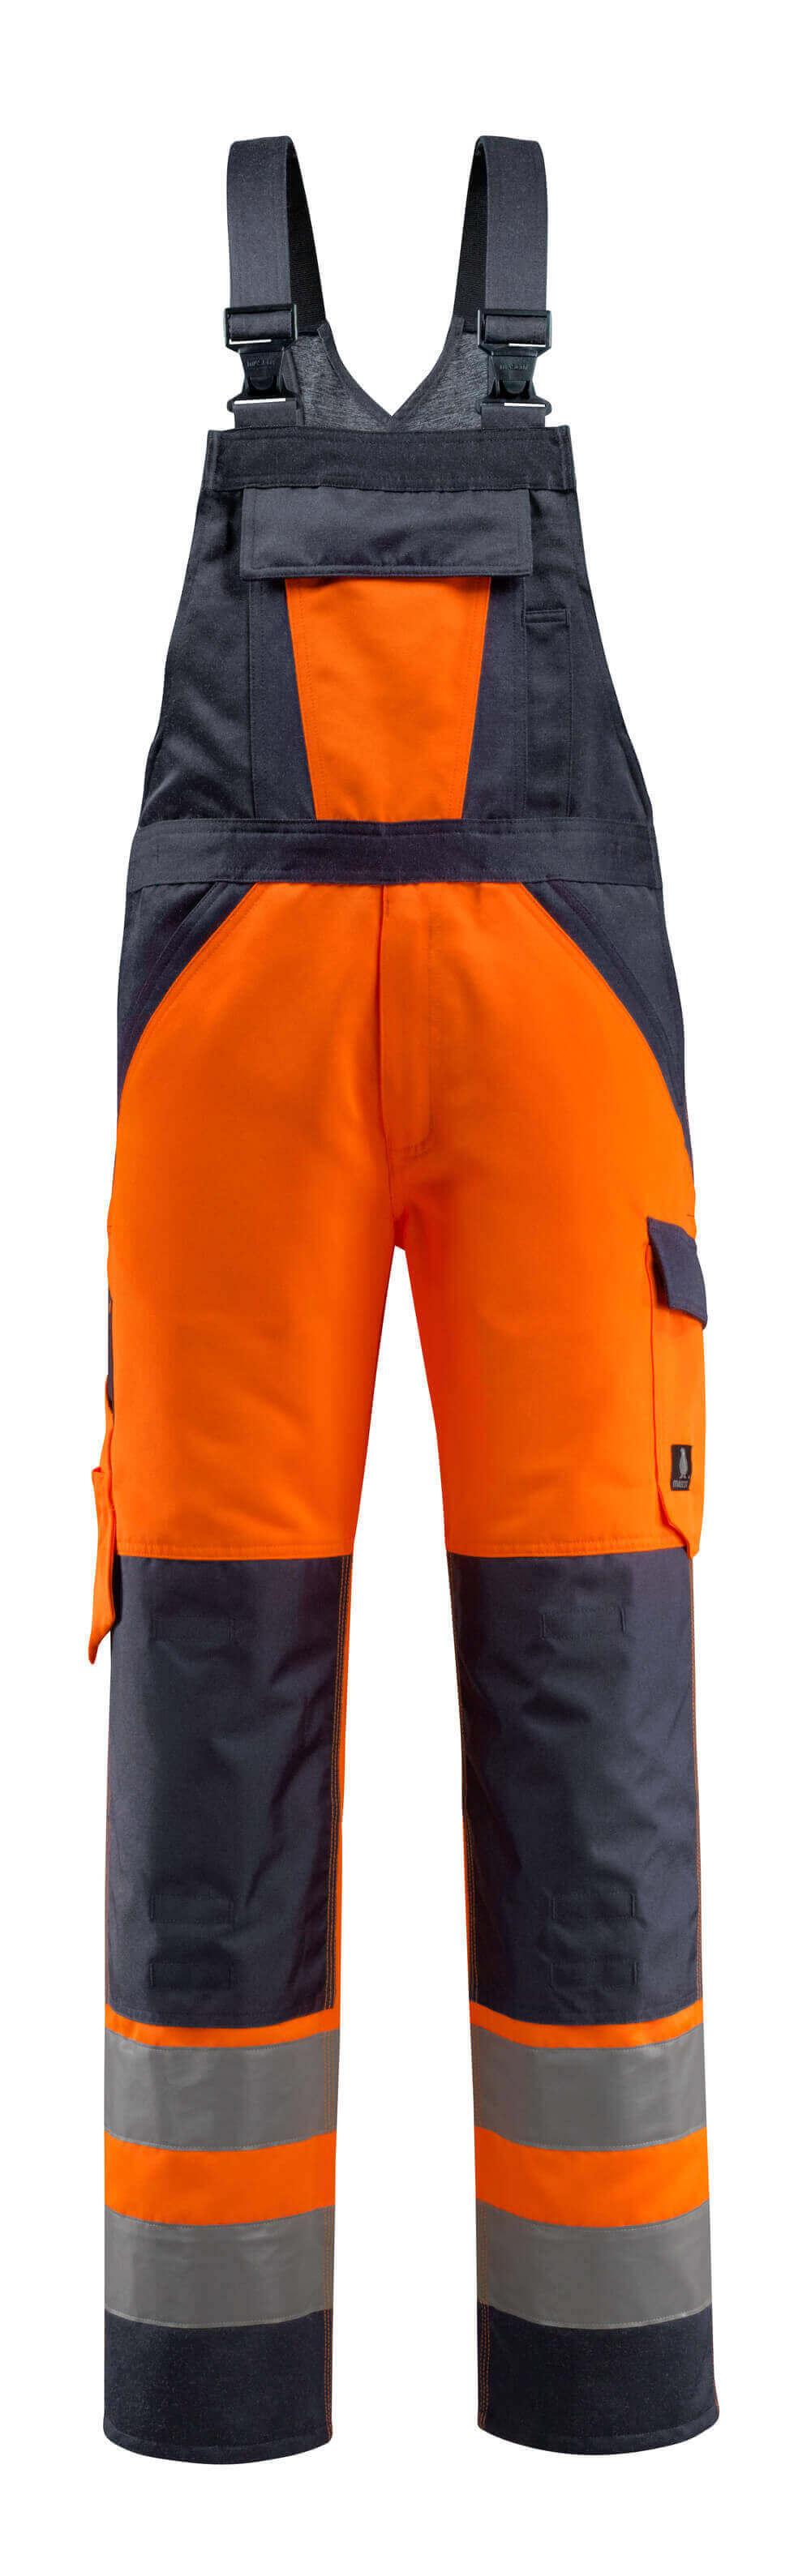 15969-948-14010 Salopette avec poches genouillères - Hi-vis orange/Marine foncé